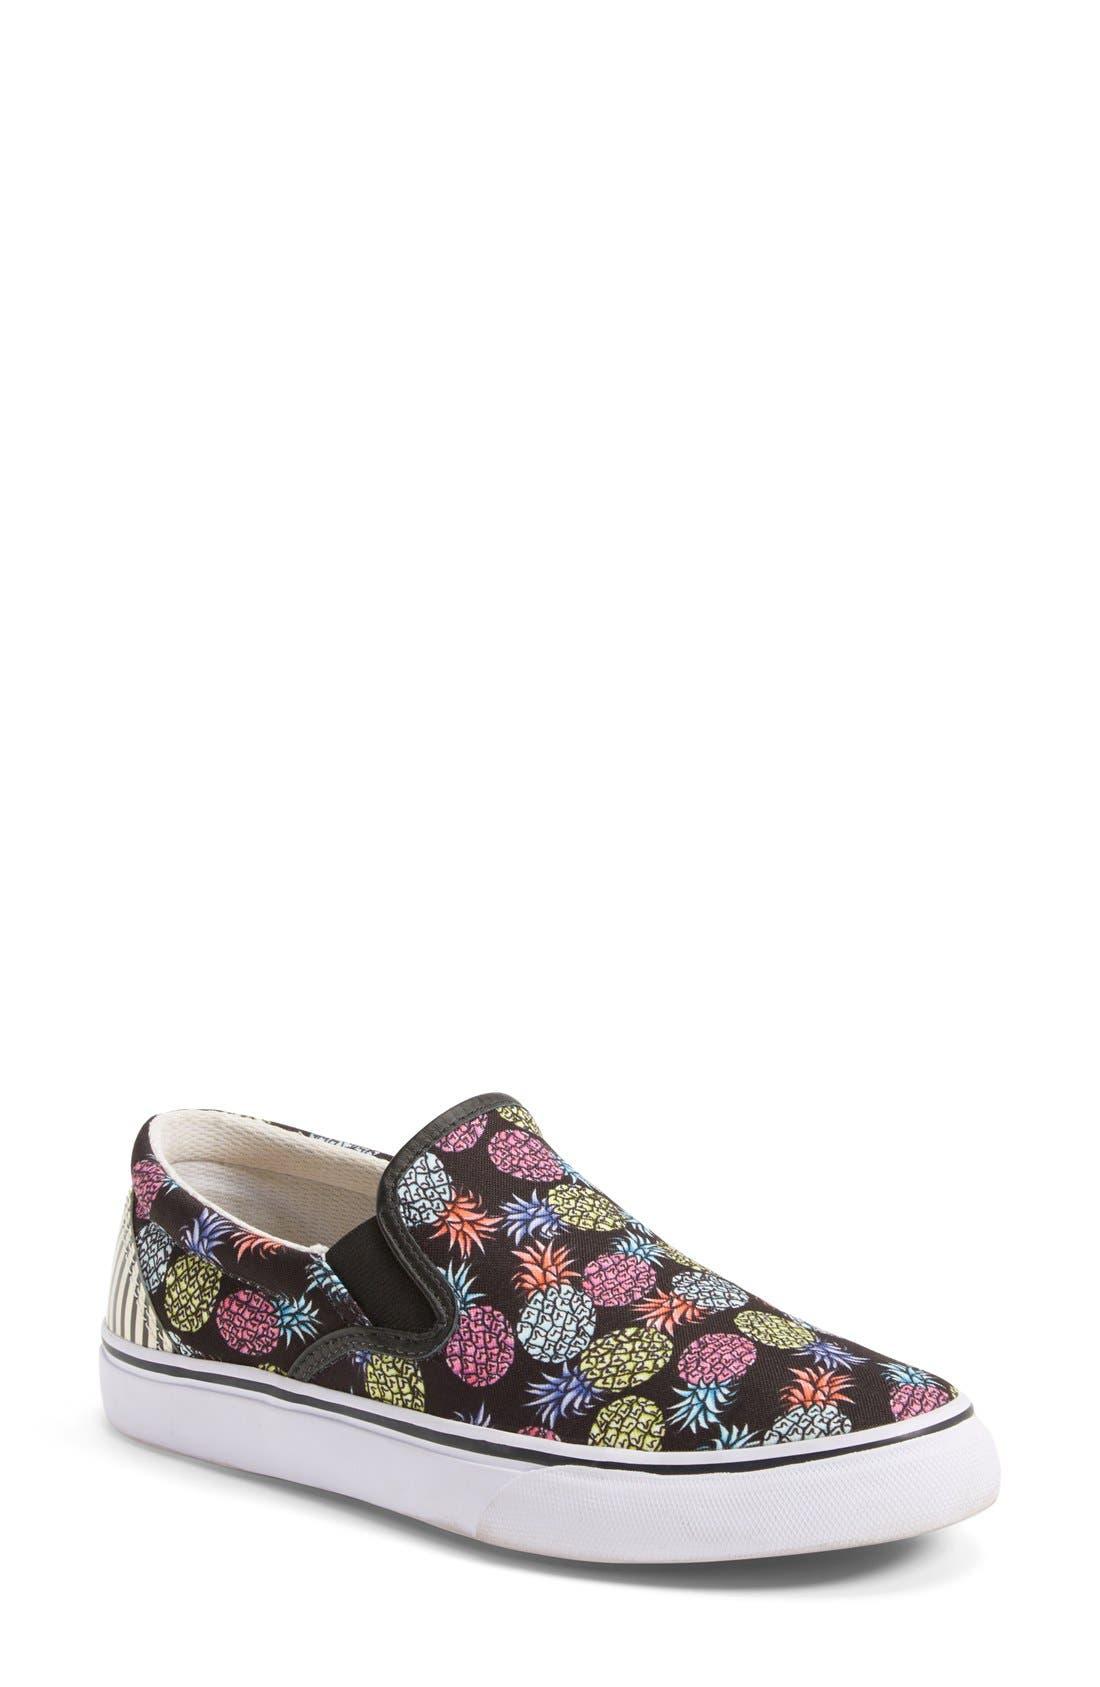 'Adele - Pineapple' Satin Slip-On Sneaker,                             Main thumbnail 1, color,                             001